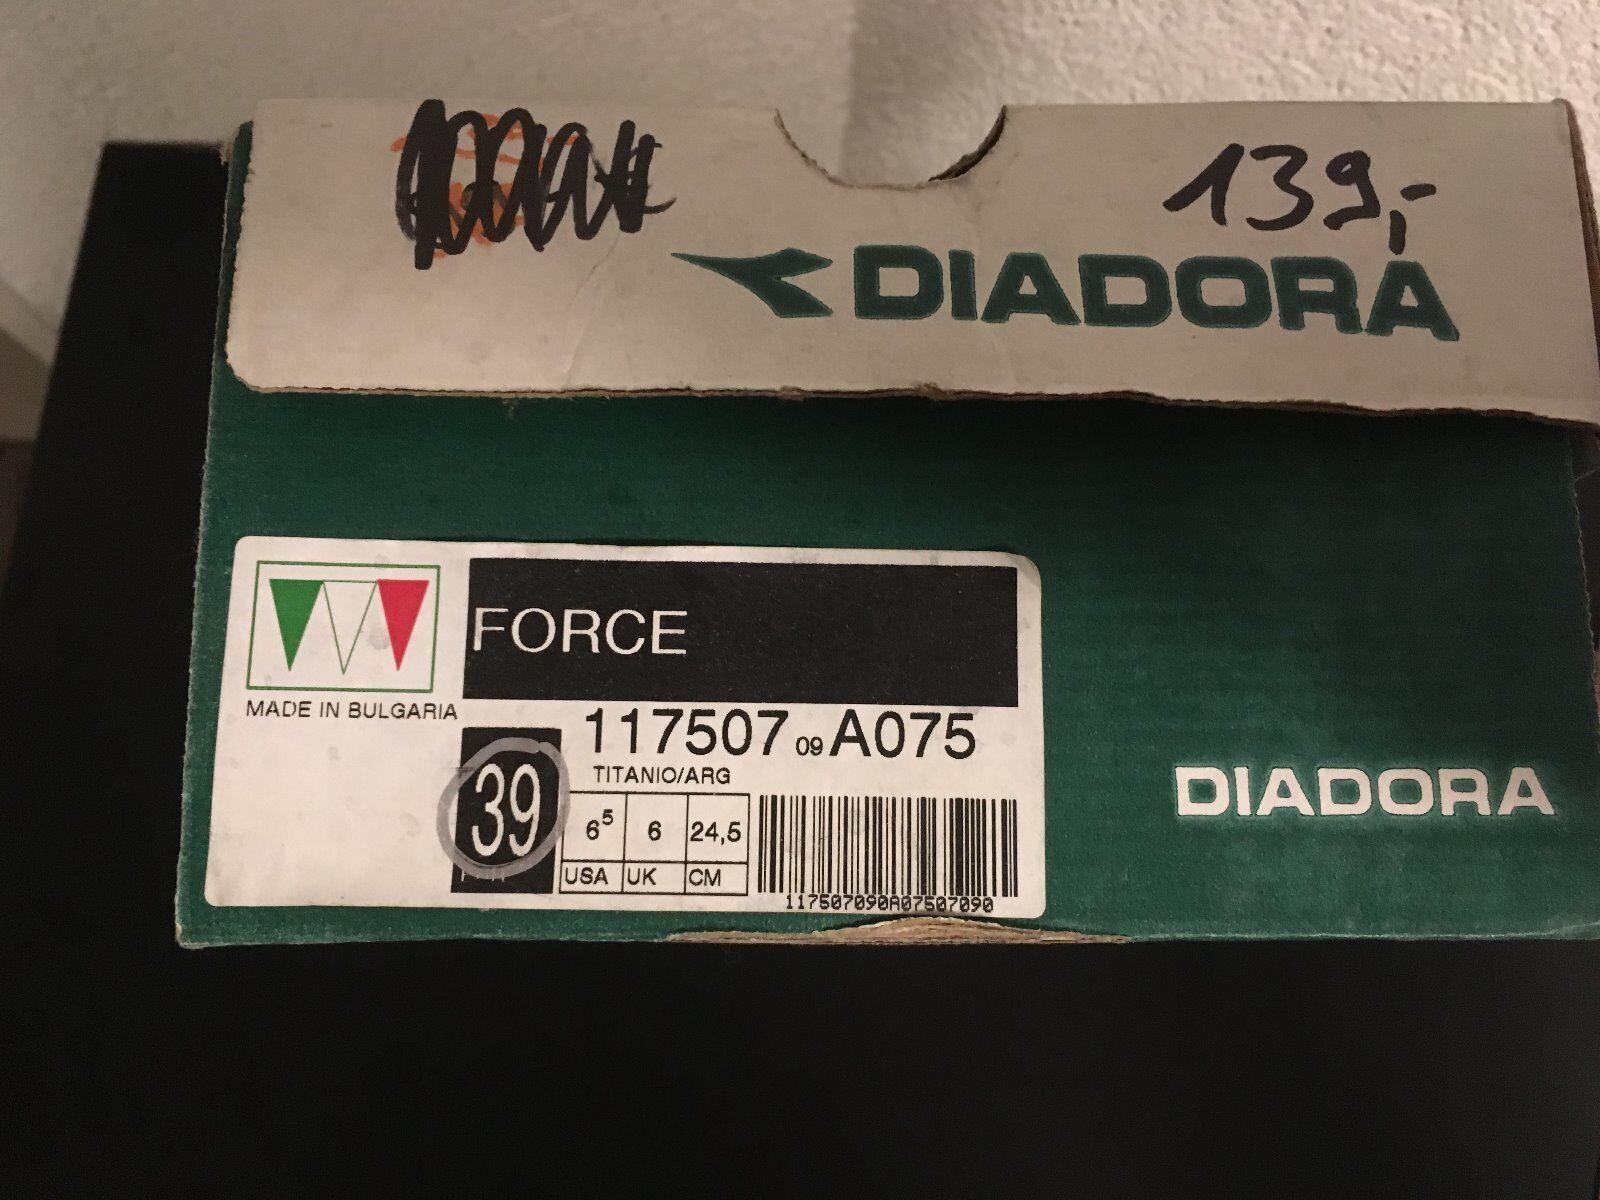 Diadora Force Road Schuhe Schuh Schuh Schuh schuhe silber Gr. 39 Rennrad  | Niedriger Preis und gute Qualität  a28c18